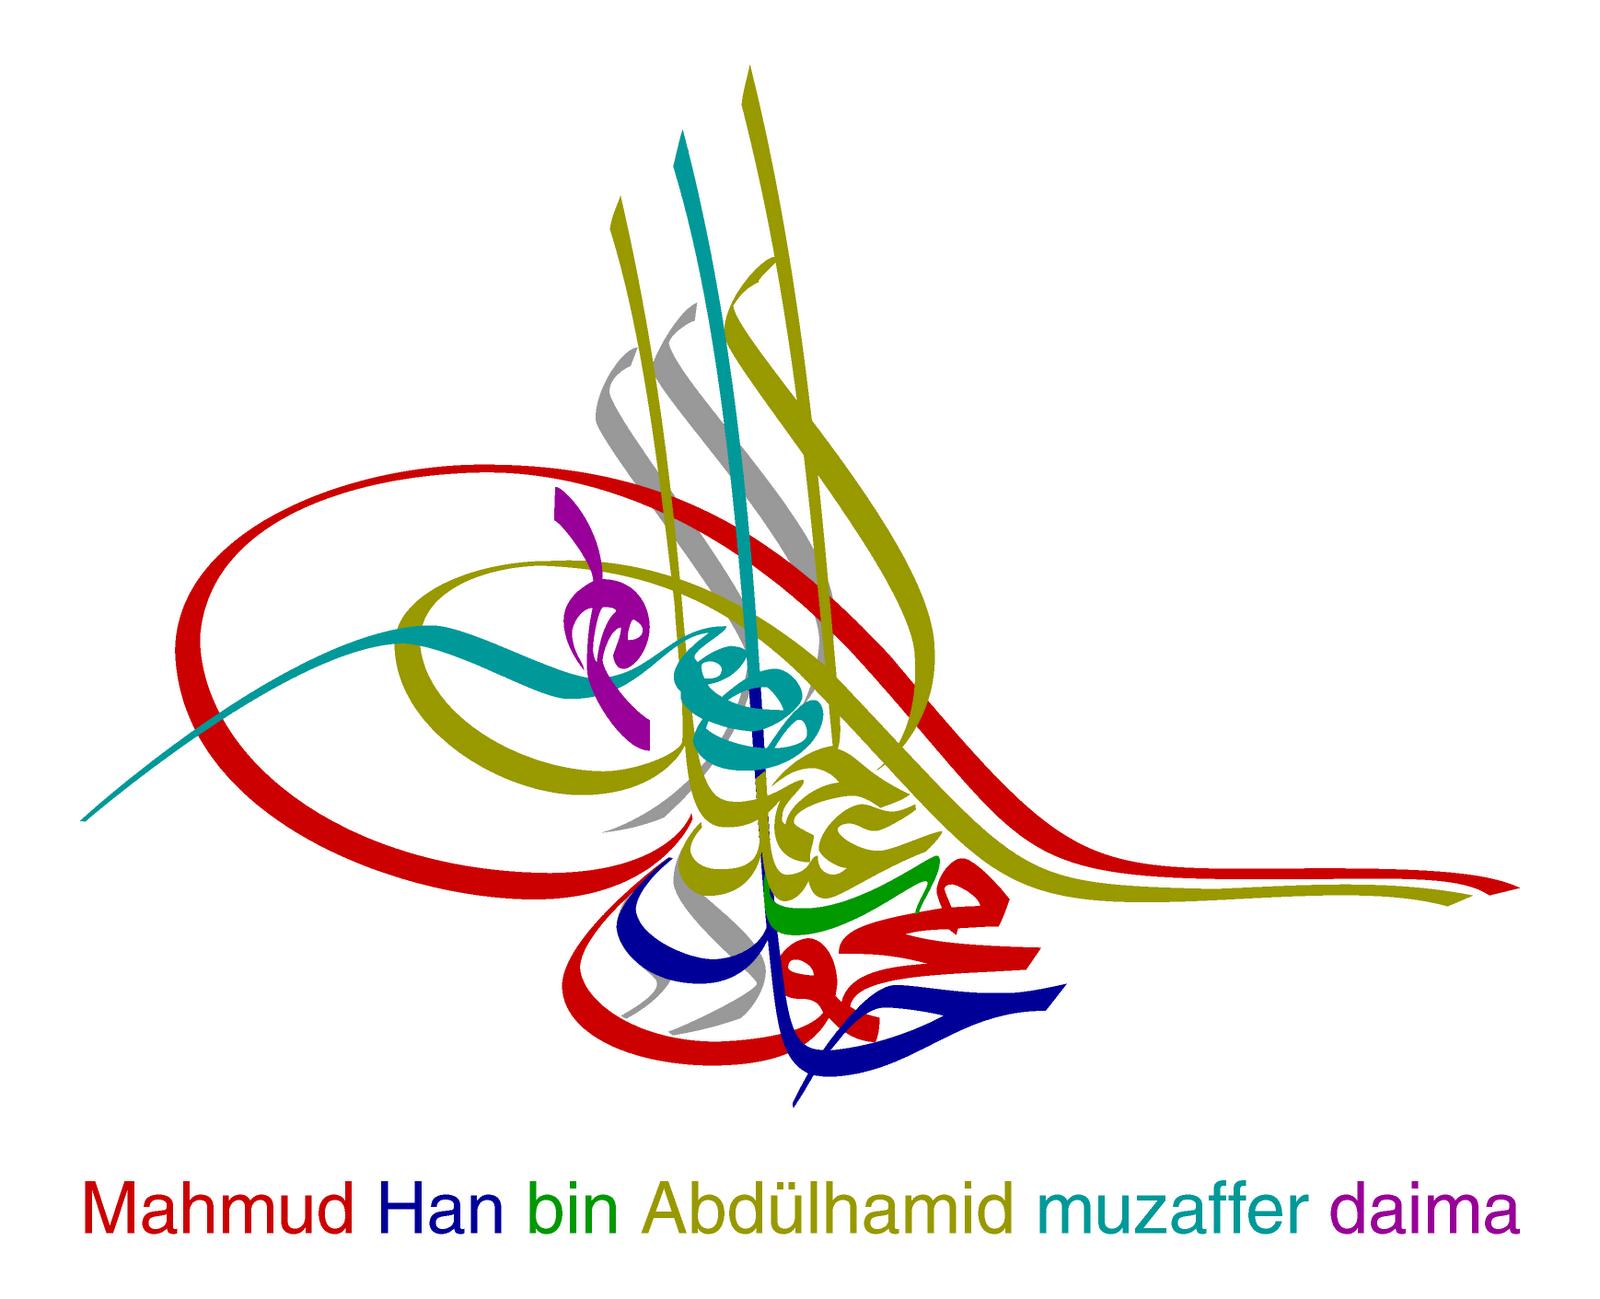 kaligrafi yang saya belum pernah temui sebelumnya 3 kaligrafi tughra